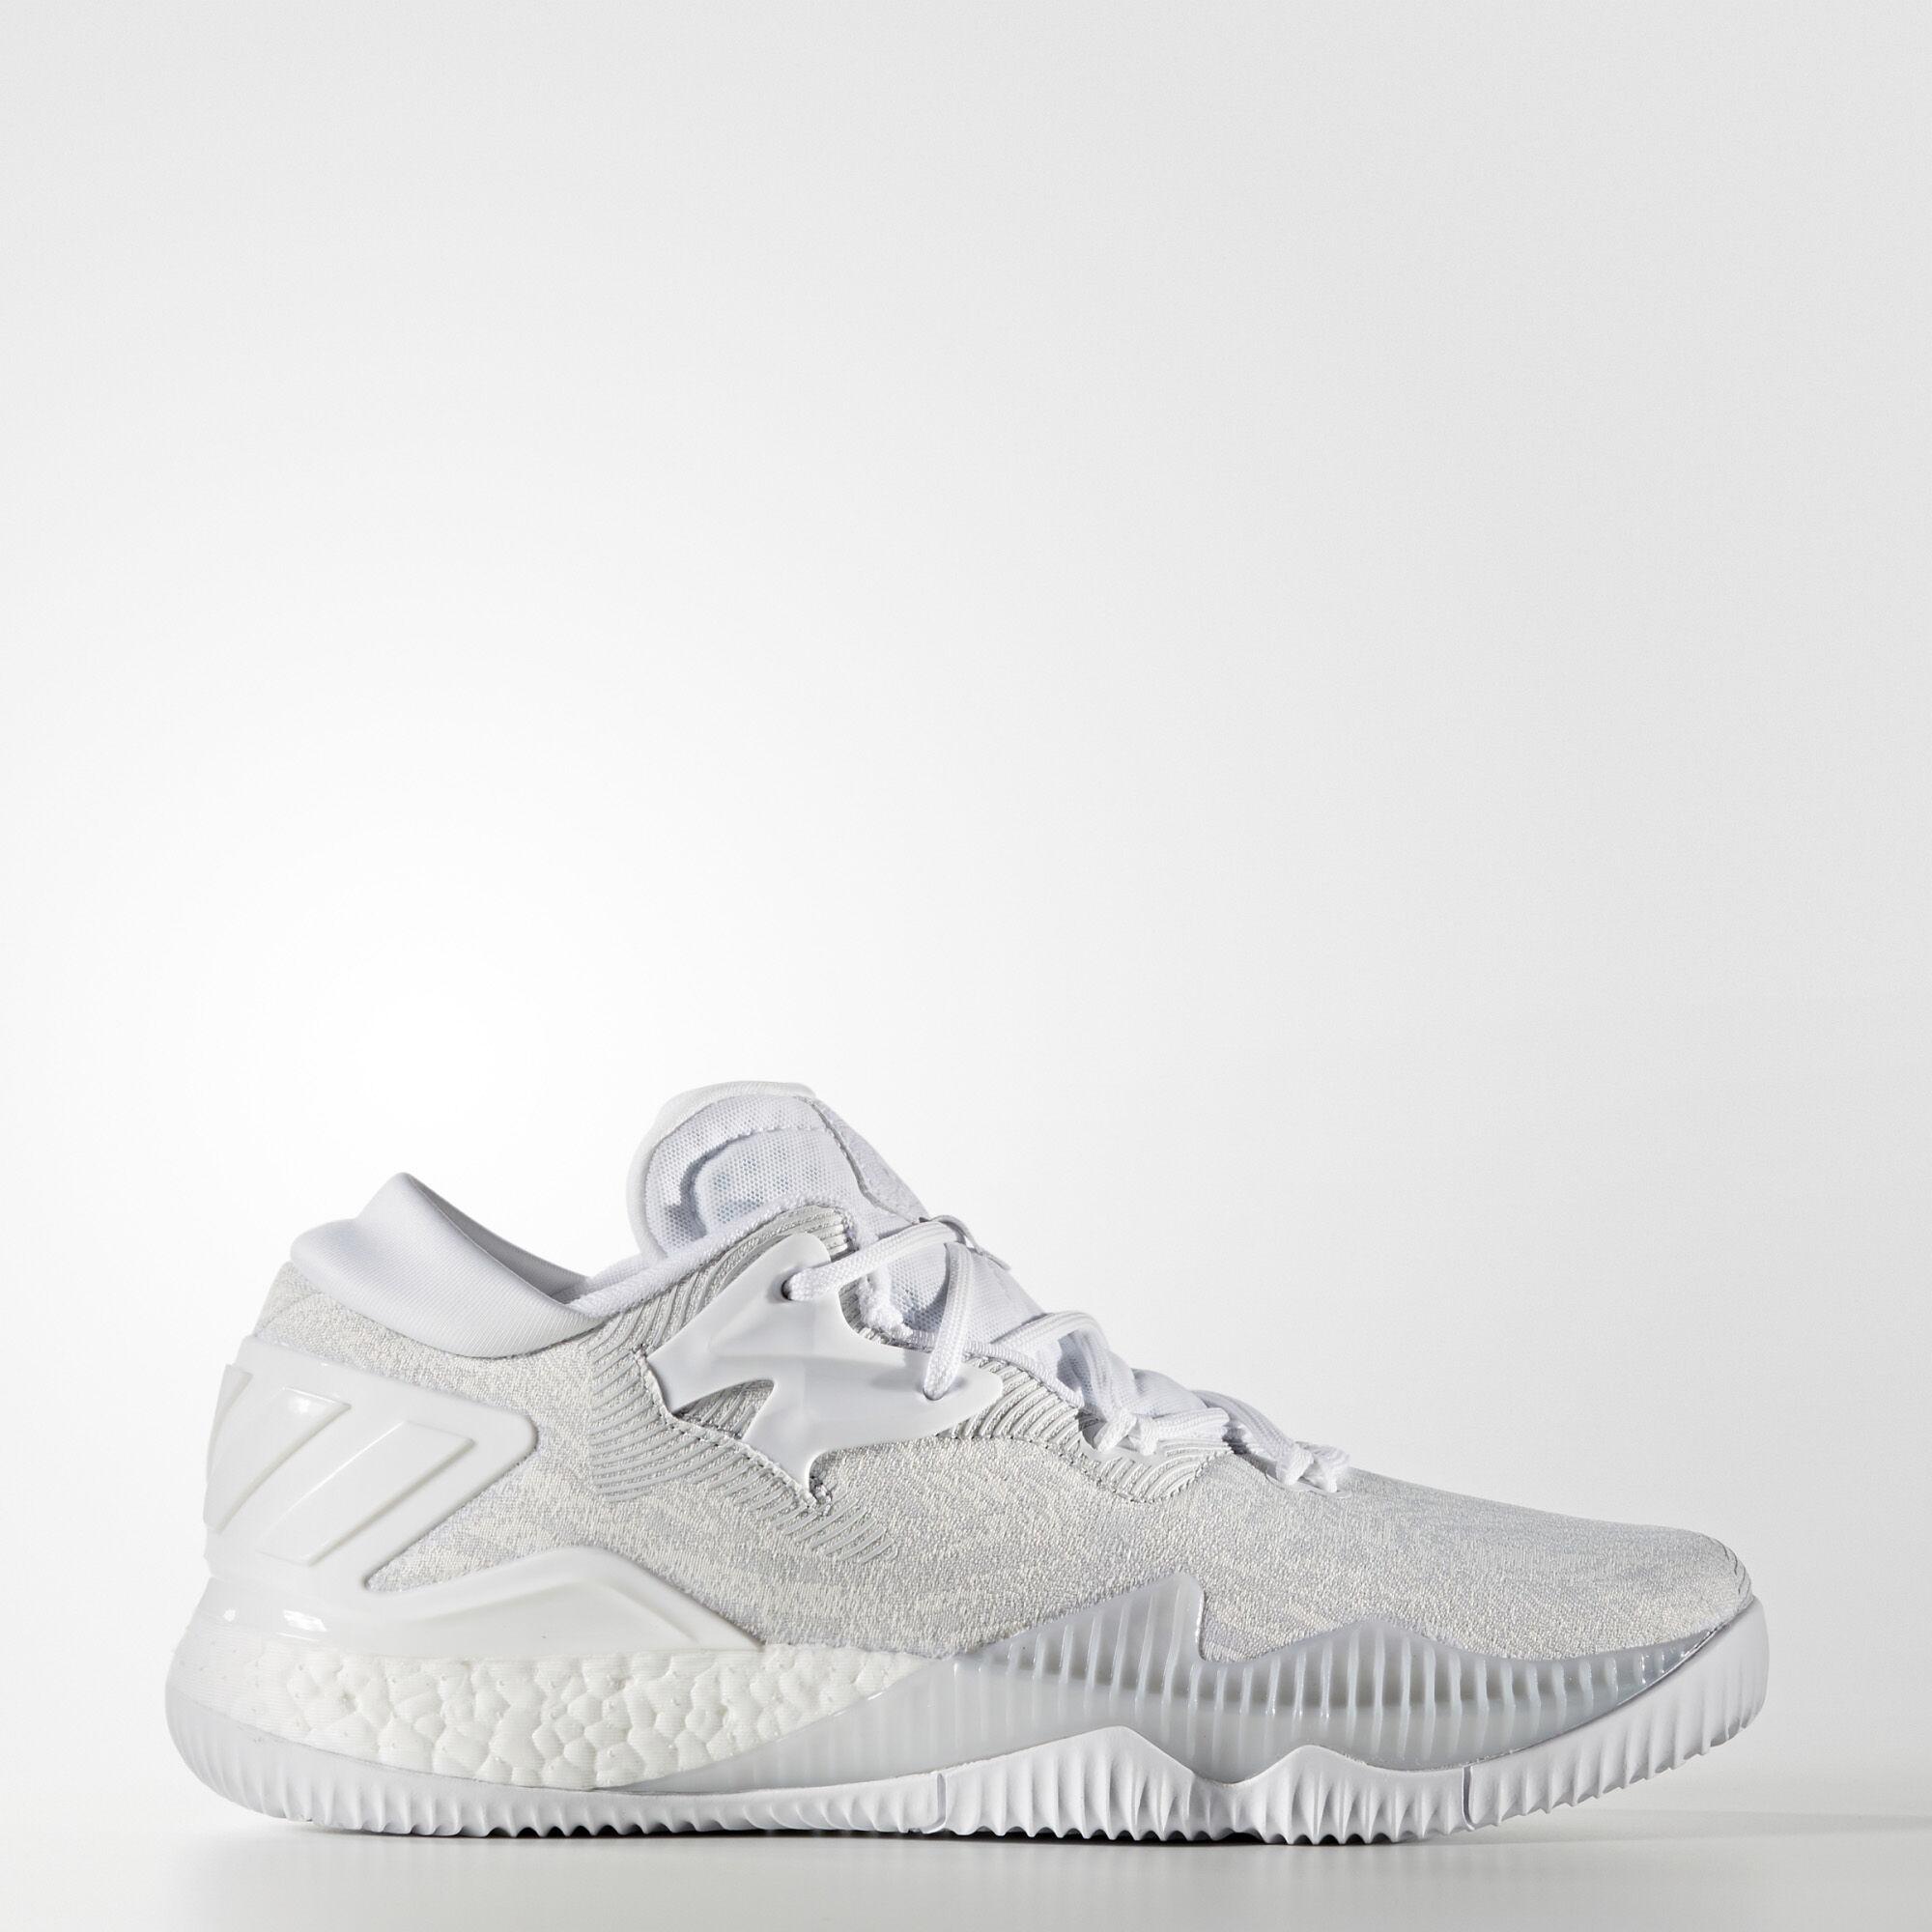 Adidas Basketball 2016